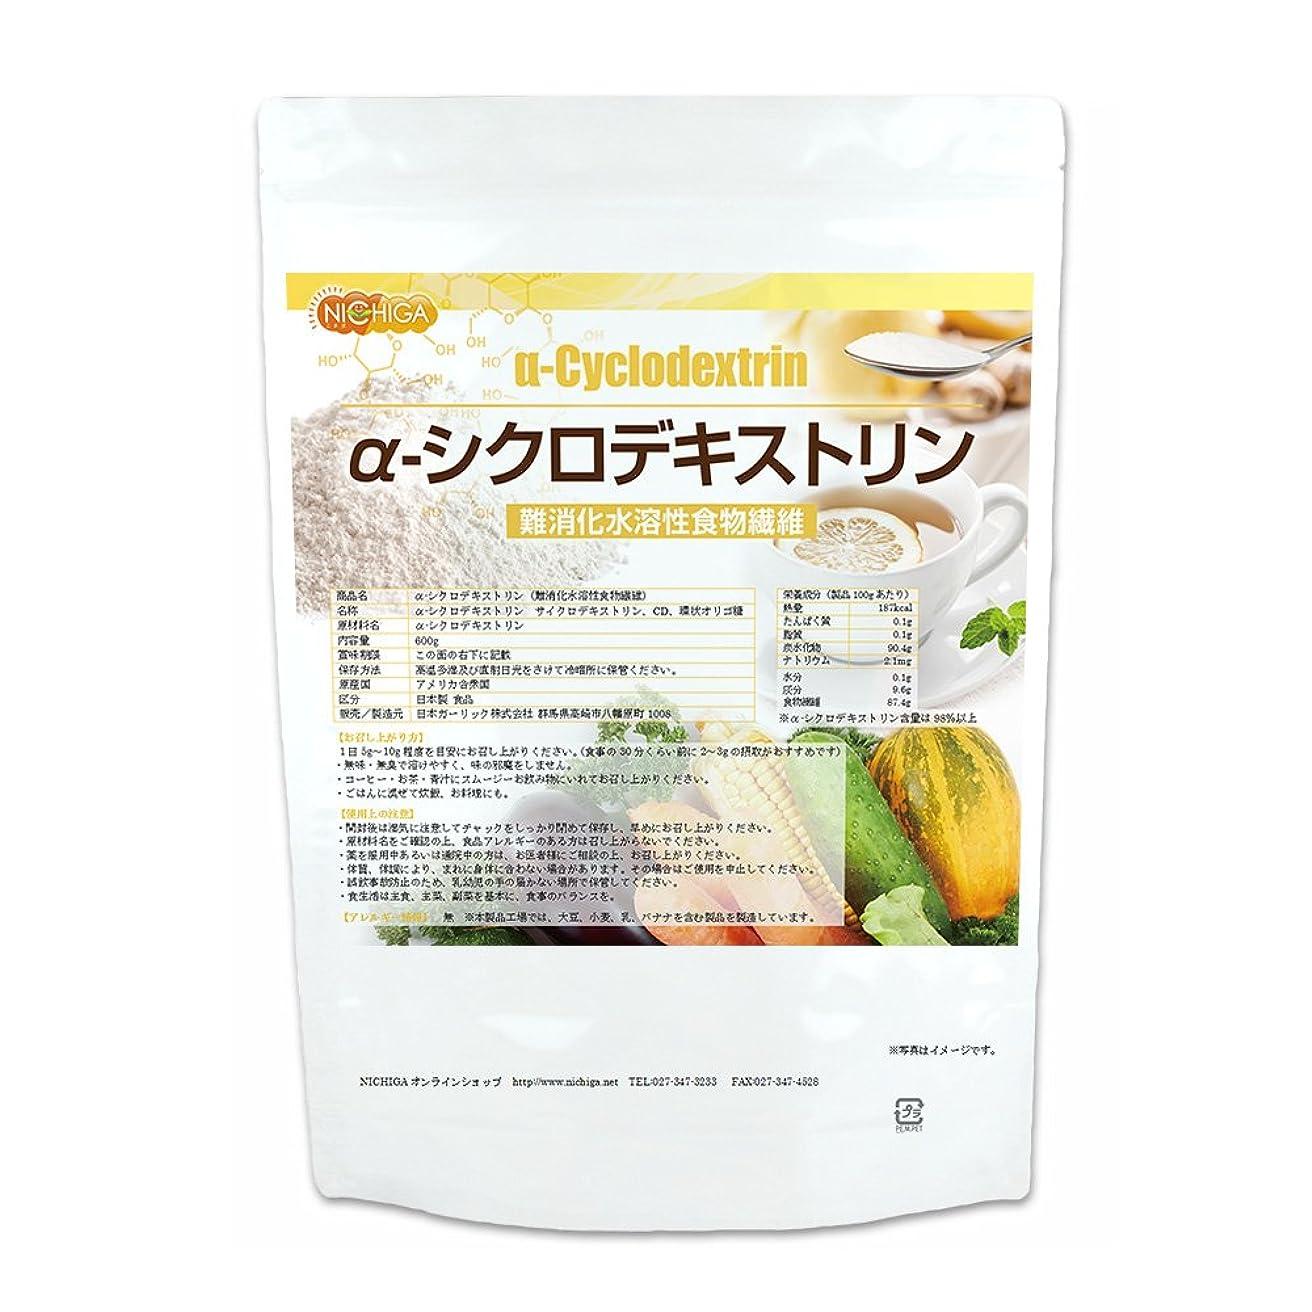 ユダヤ人消費愛国的なα-シクロデキストリン 600g(難消化水溶性食物繊維)[01] NICHIGA(ニチガ) サイクロデキストリン 環状オリゴ糖